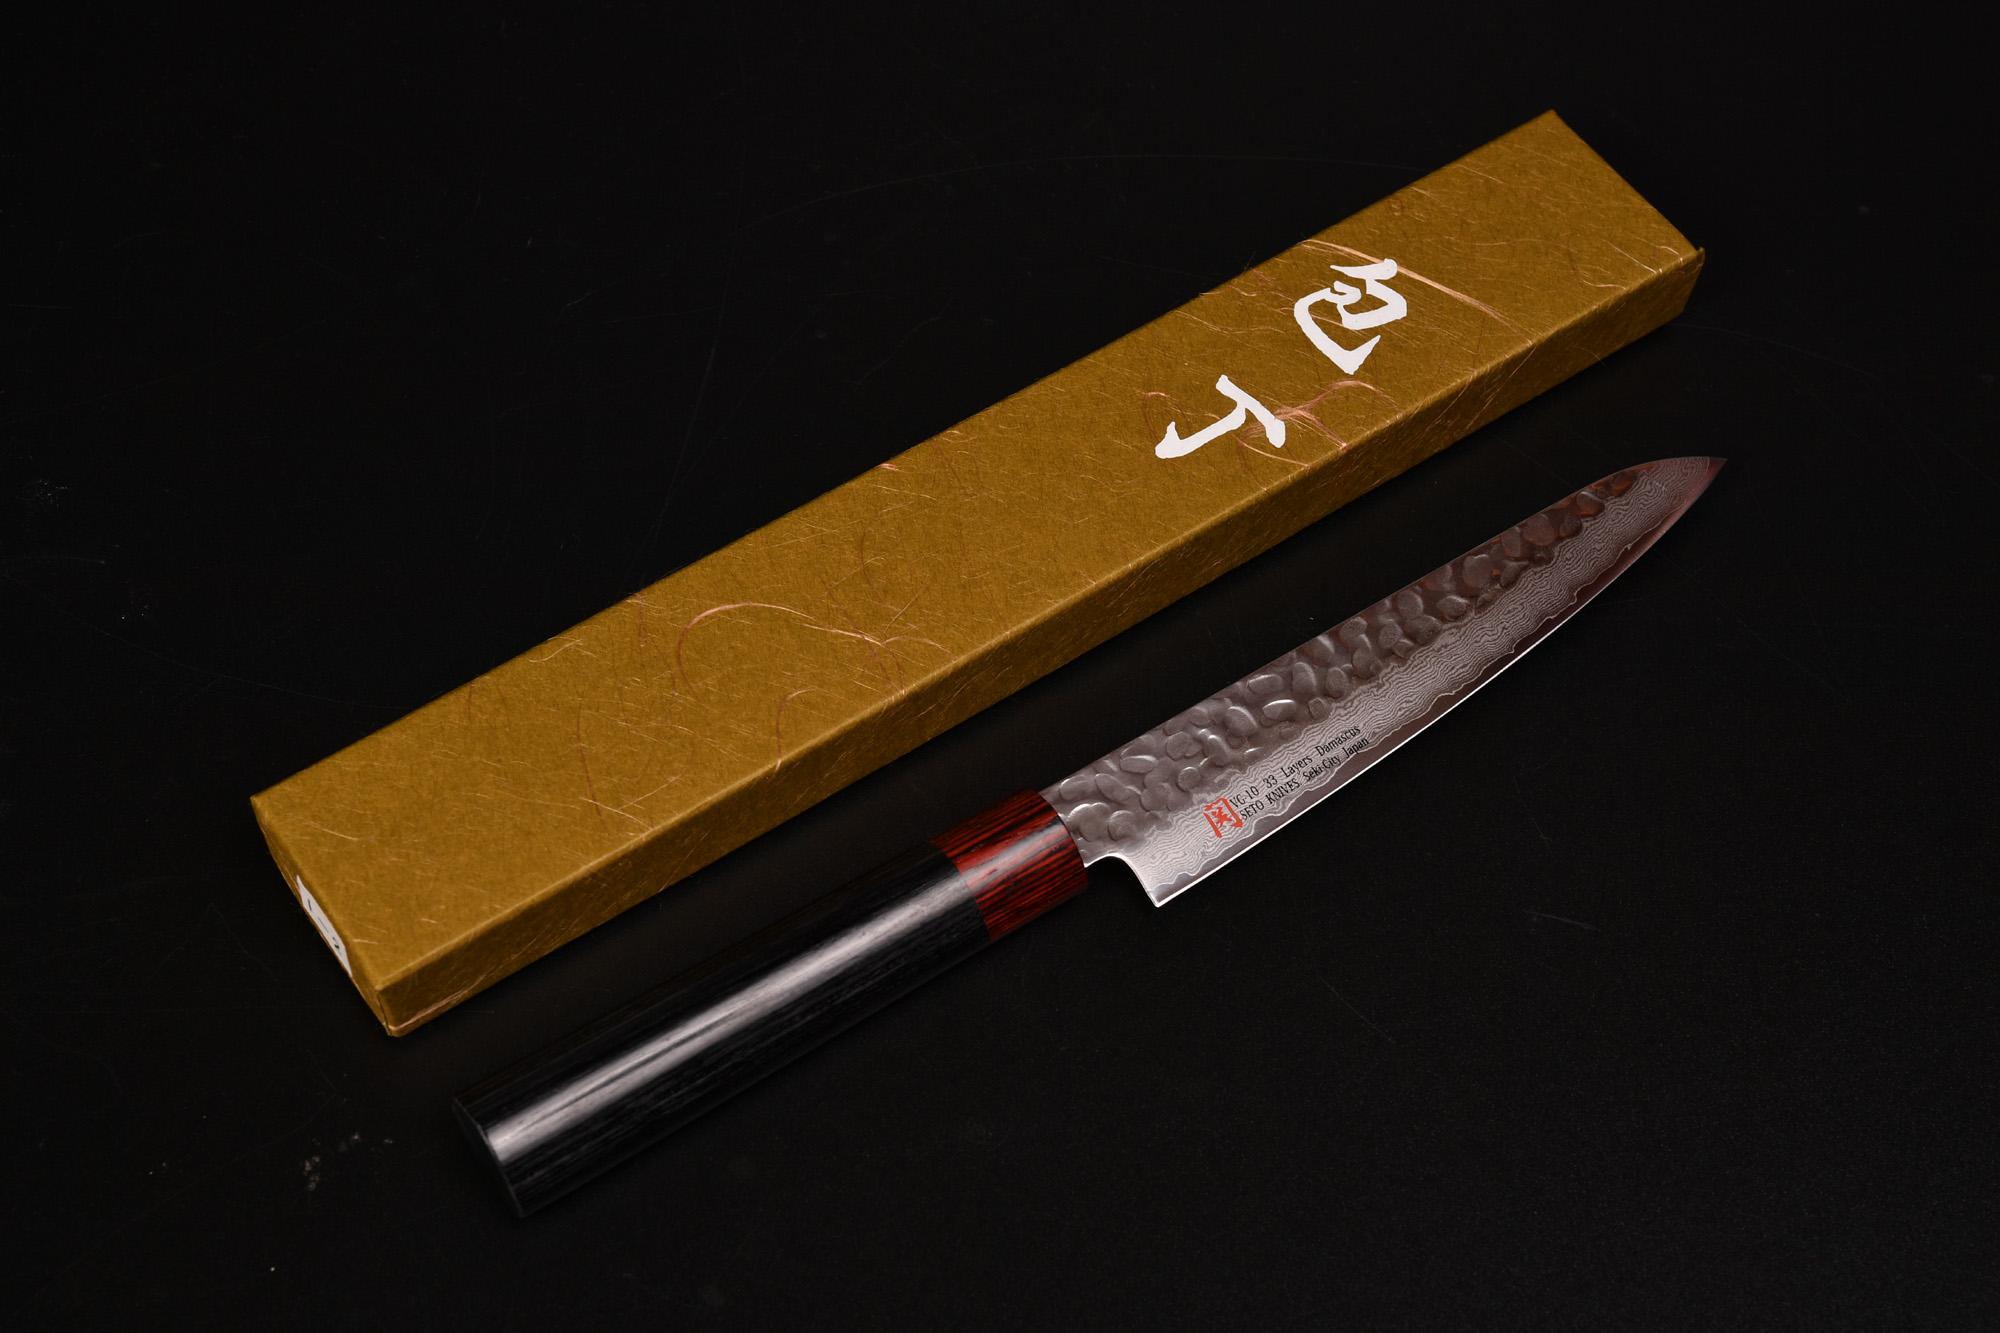 伊勢谷 治平 (いせや じへい) ペティナイフ 15cm (150mm) 伊勢屋 関の刃物 購入 レビュー